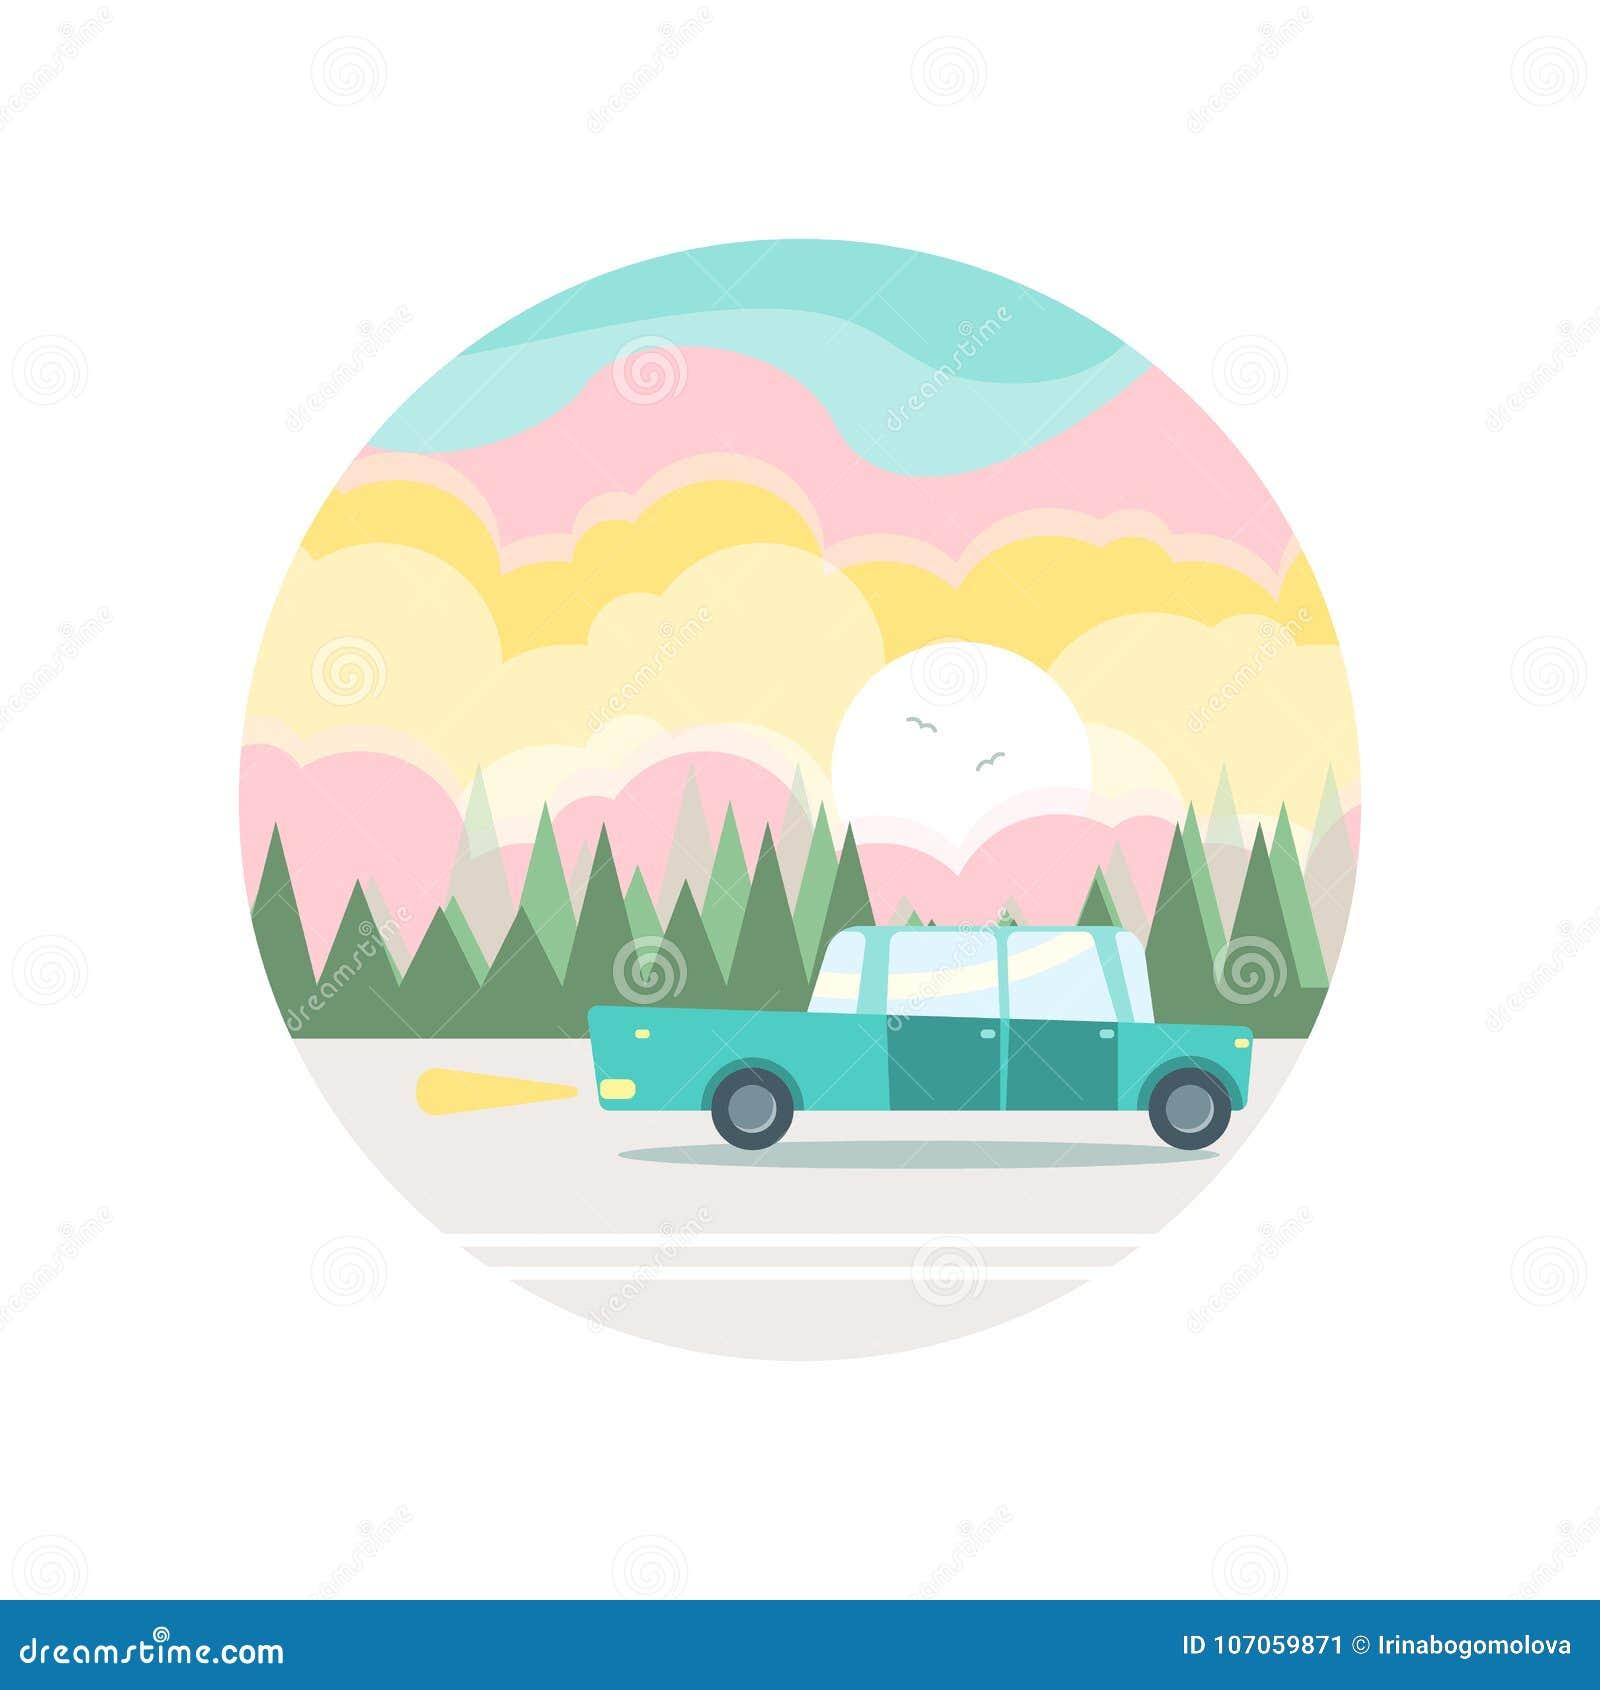 Vlakke illustratie van een blauwe auto in bosrijk en hemels landschap